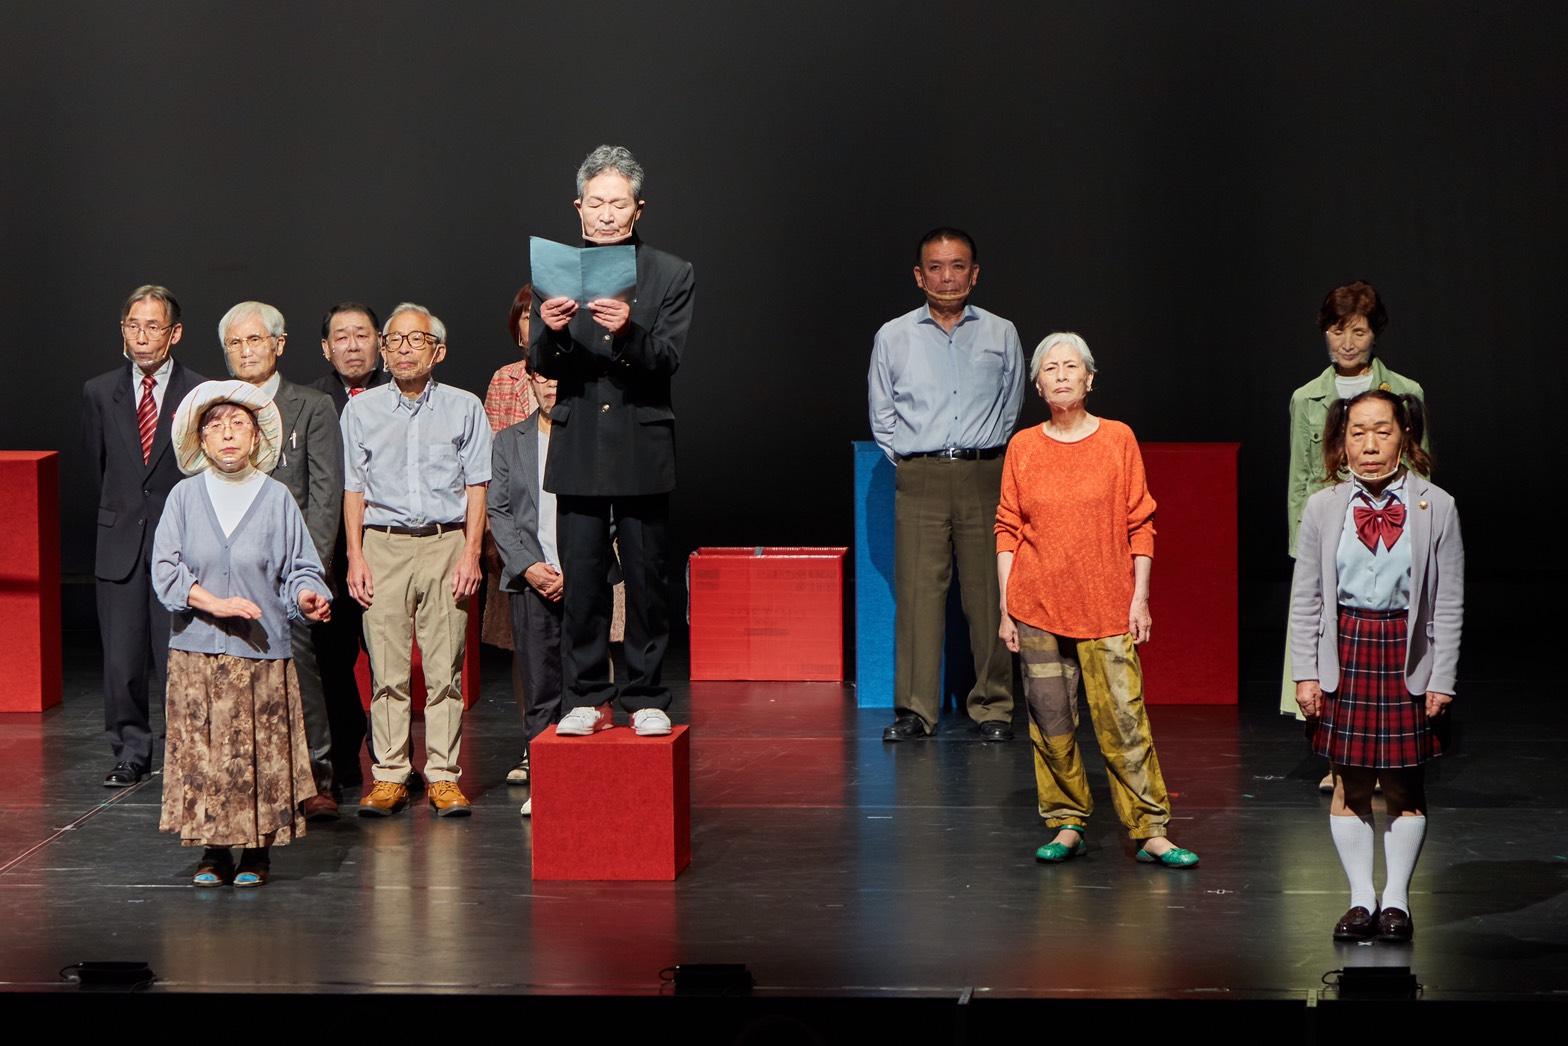 第14回公演「パリテ!」(全国シニア演劇大会in Tokyo参加作品)